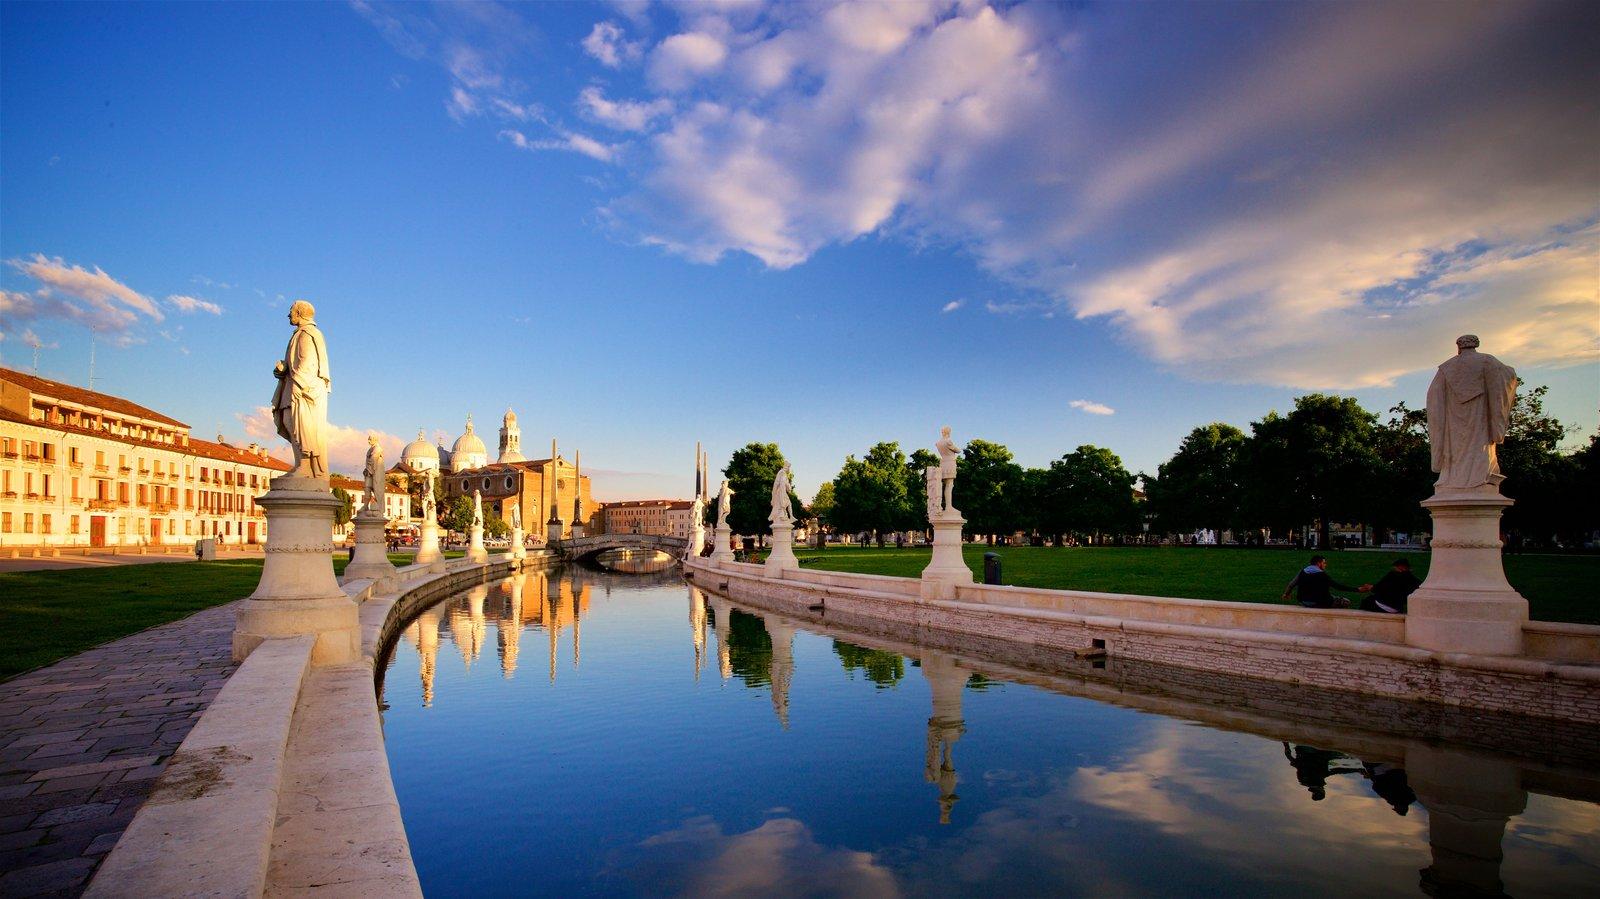 Prato della Valle mostrando un jardín, una estatua o escultura y un río o arroyo